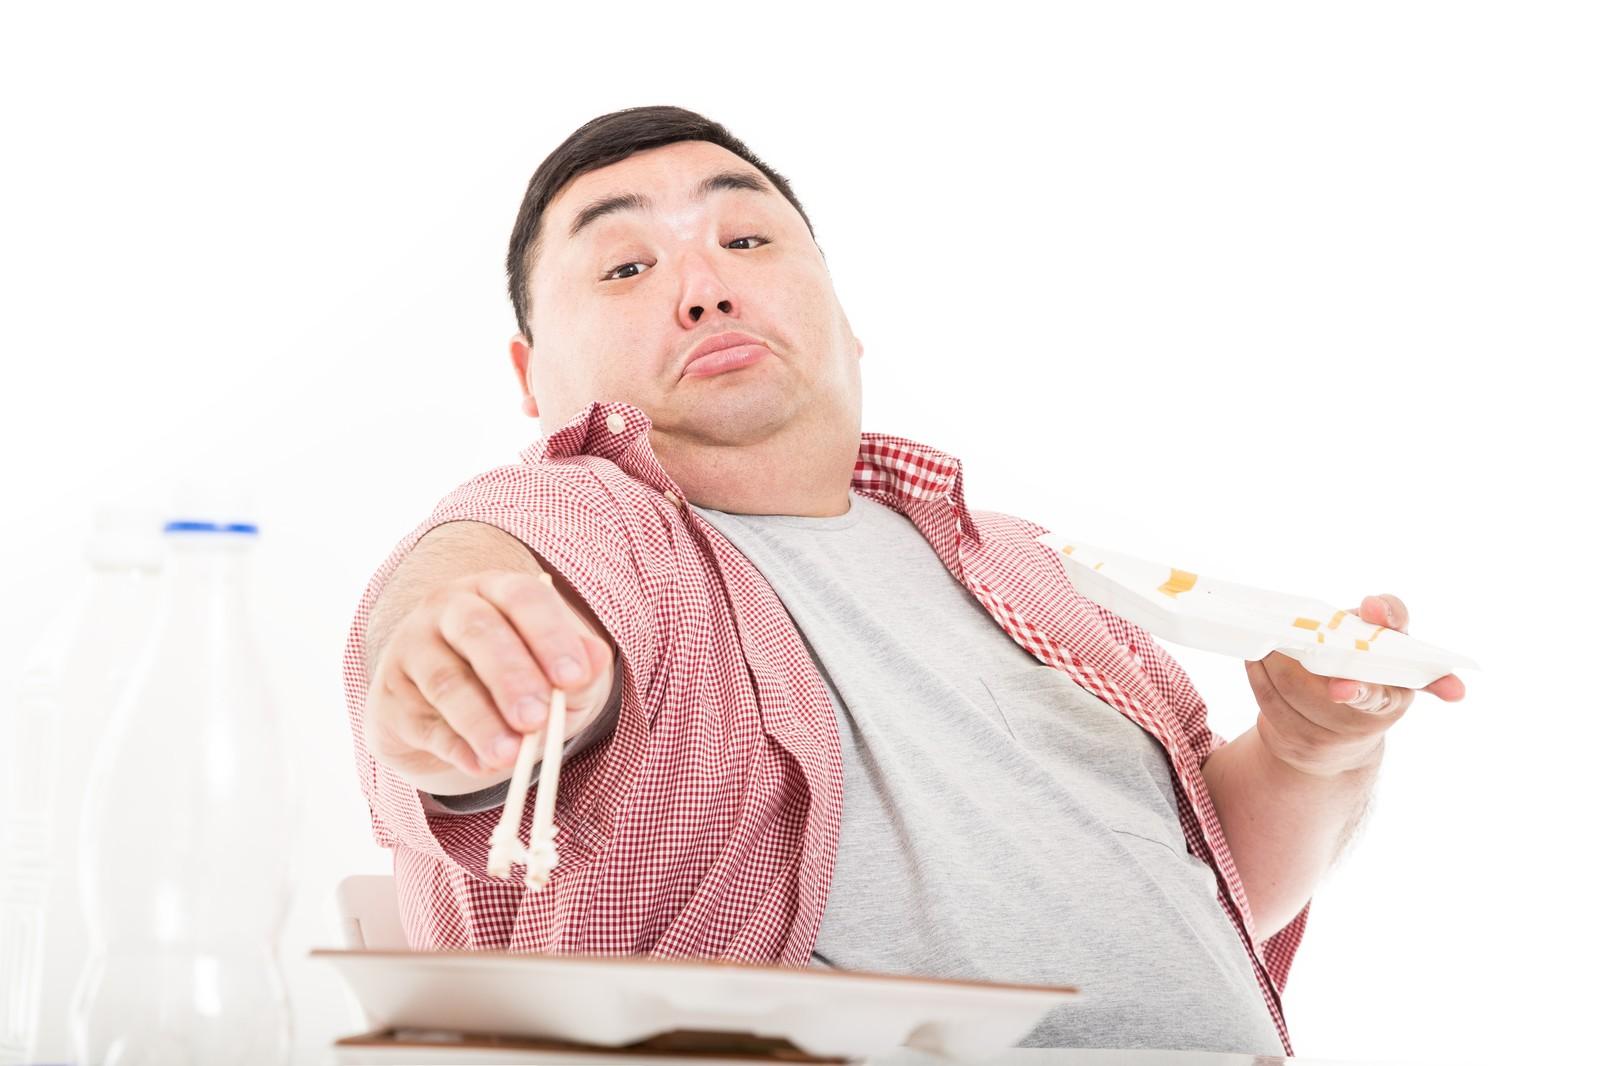 1日1食と食べたい衝動との付き合い方とは